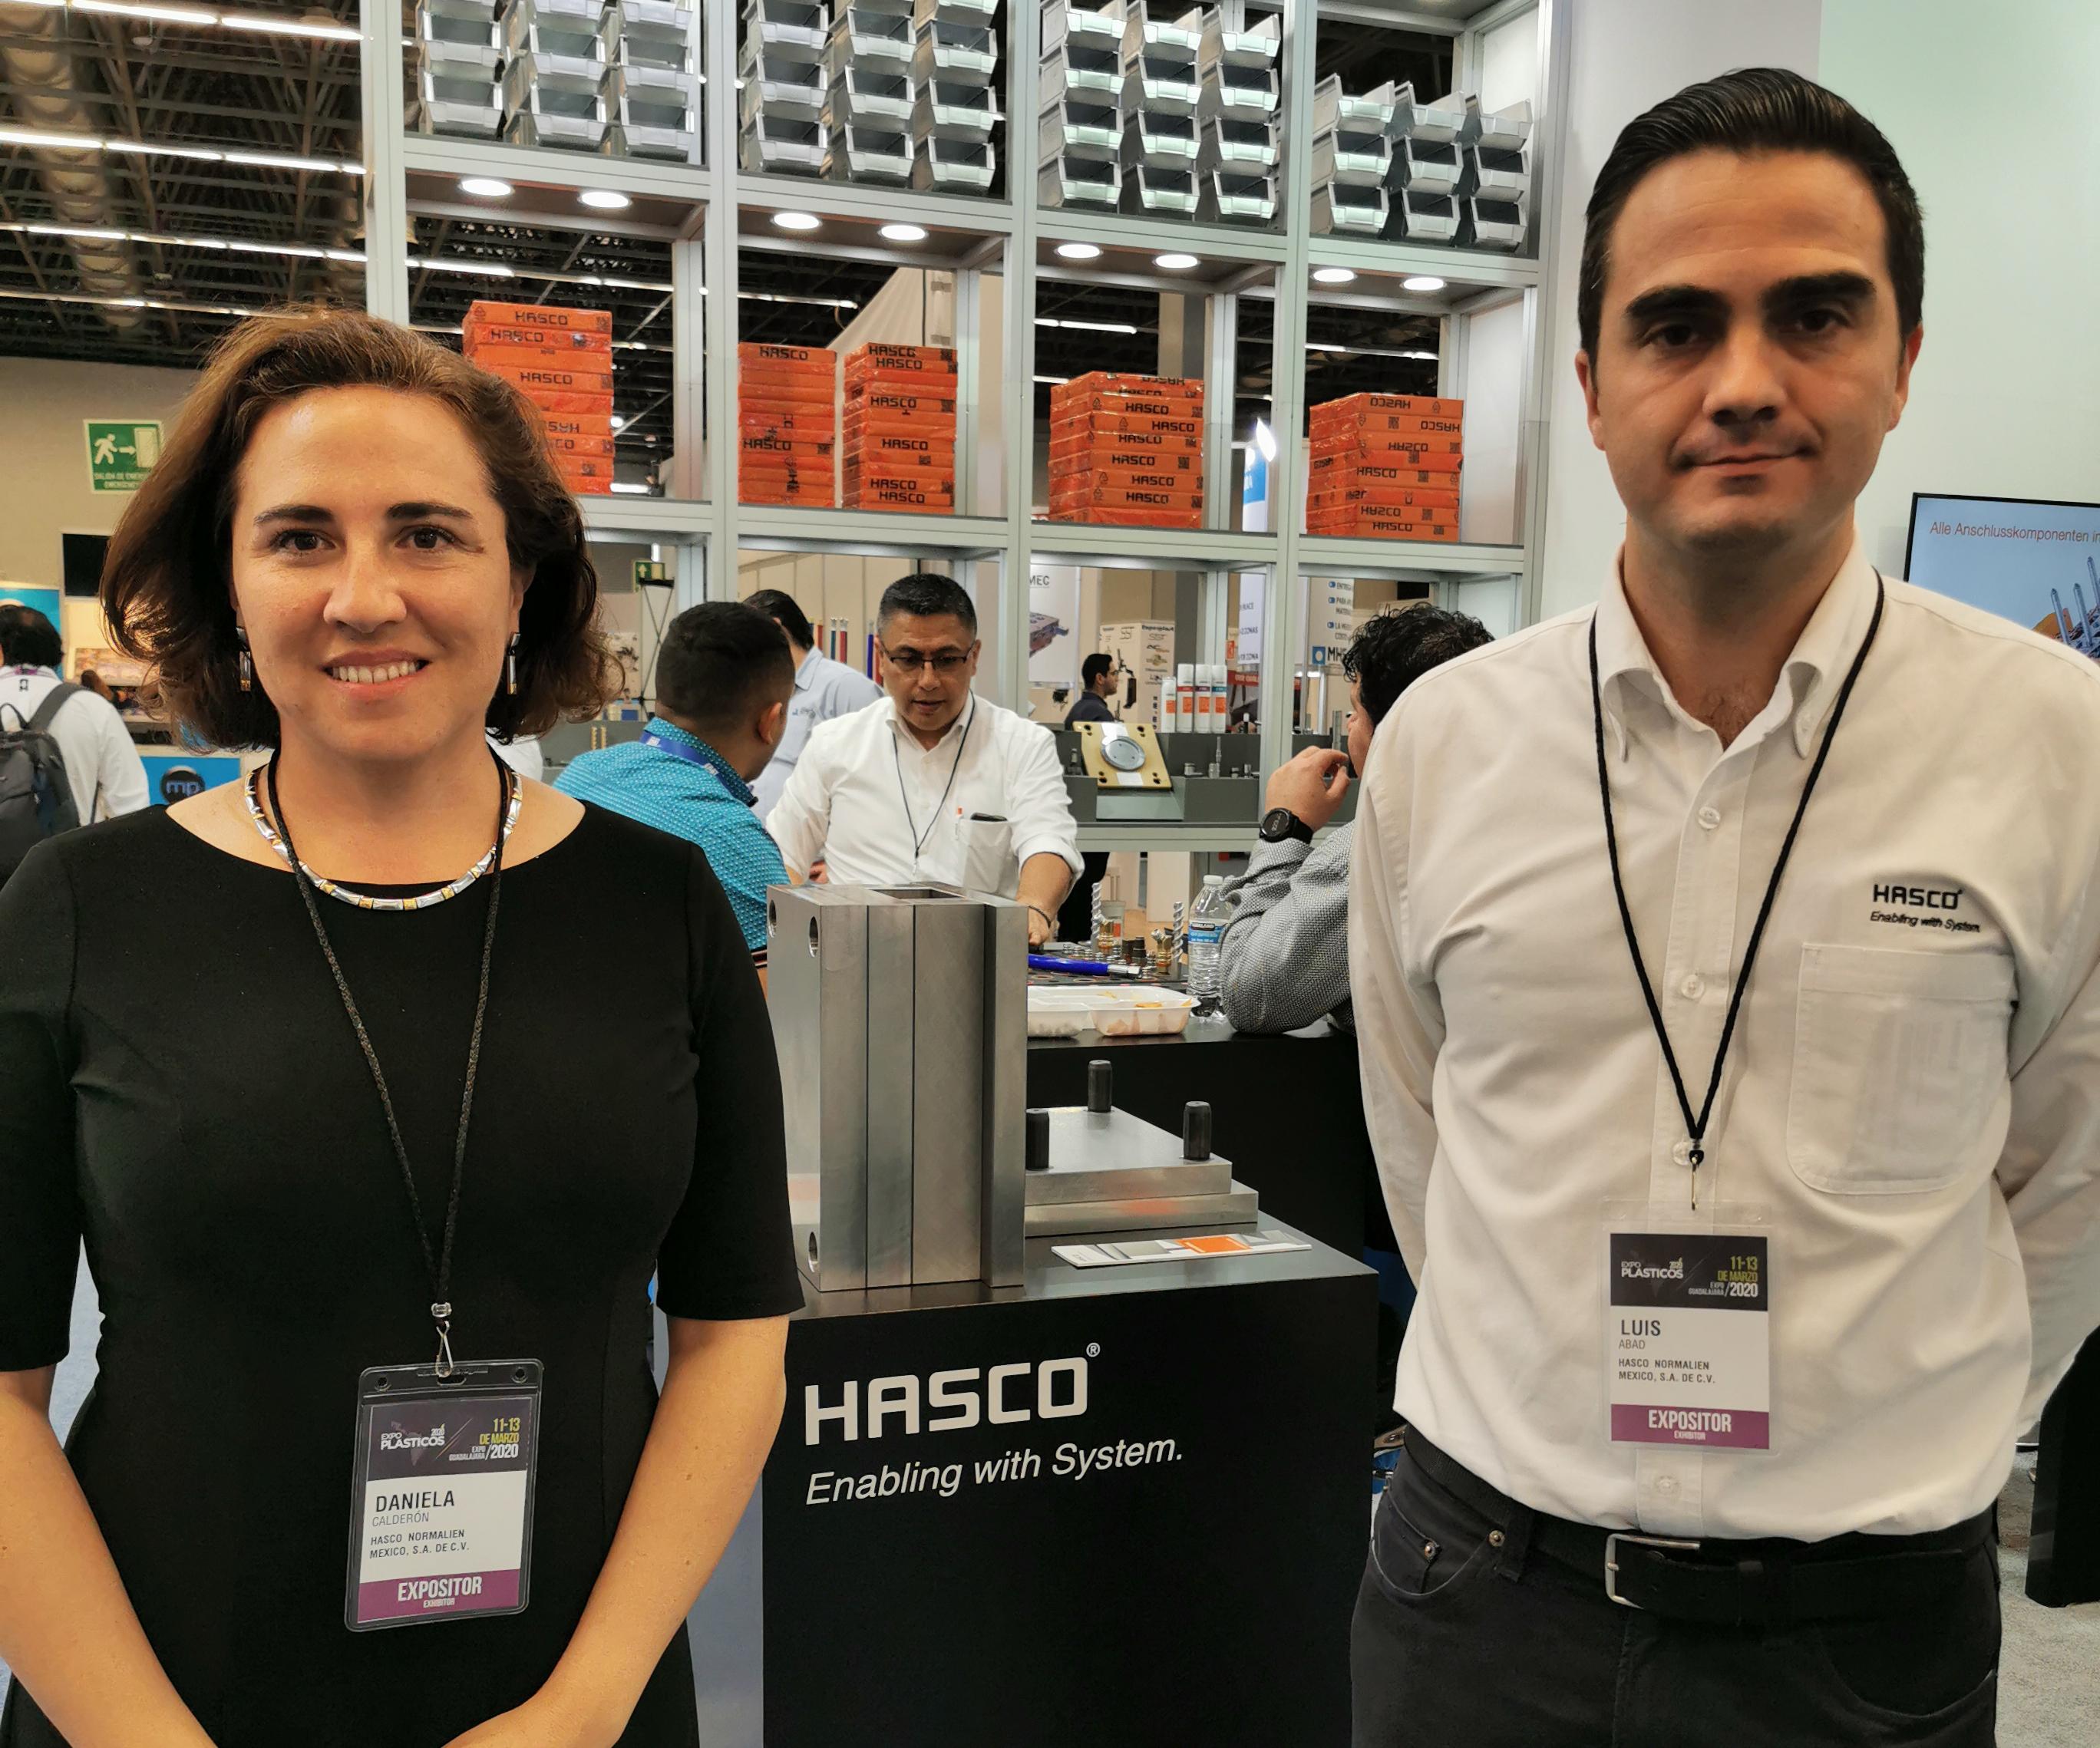 Daniela Calderón, General Manager de HASCO Normalien en México; y Luis Abad,Engeneering Manager de HASCO 